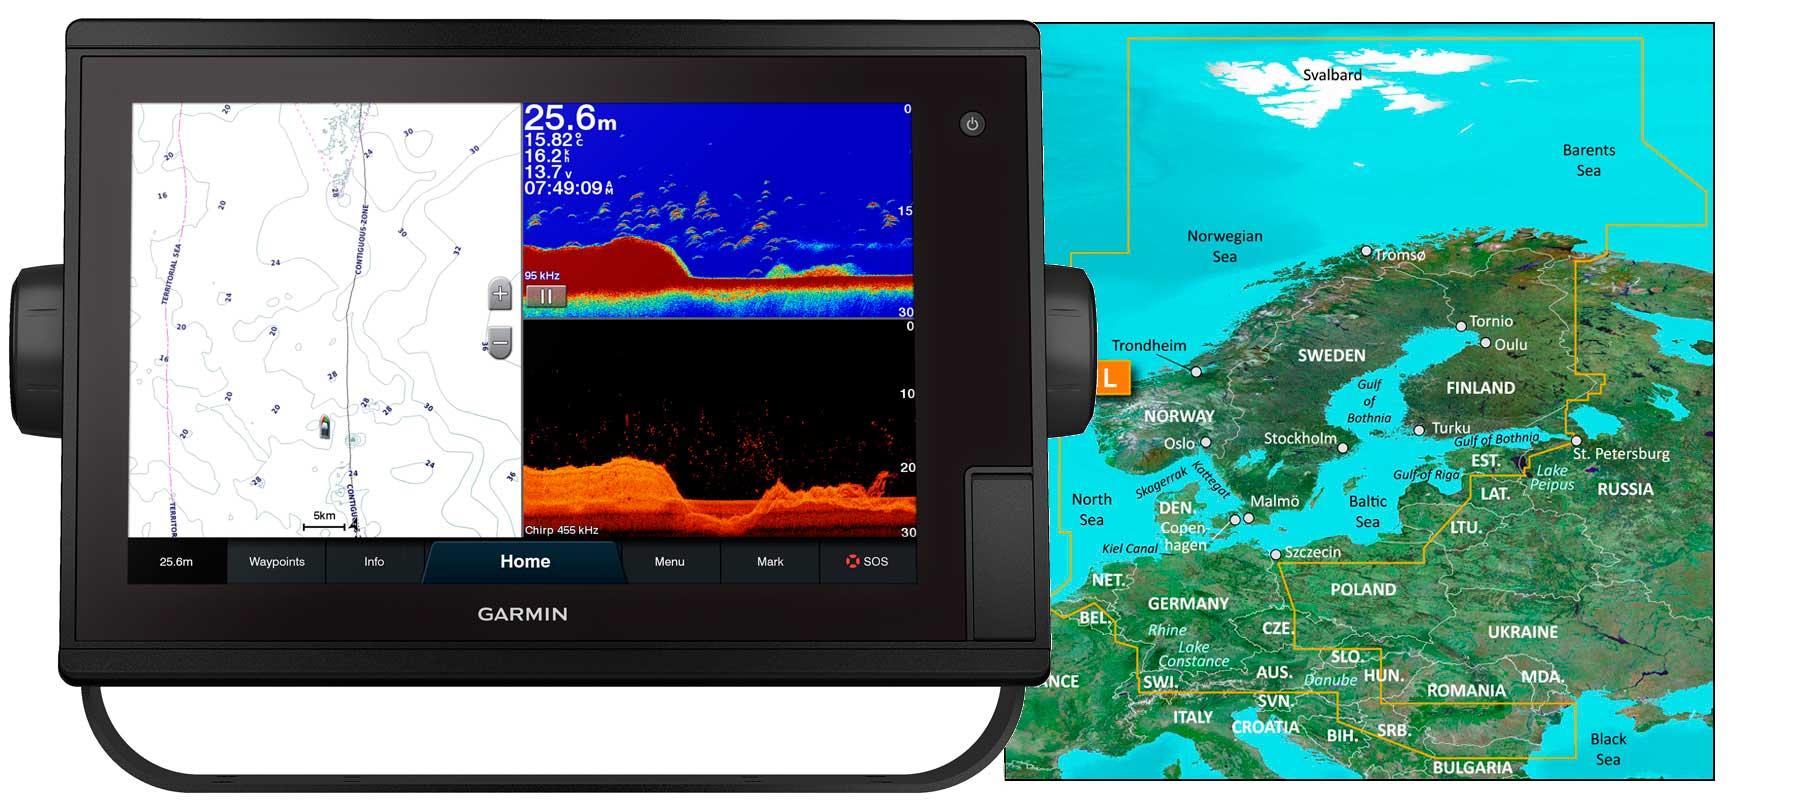 Garmin GPSmap 1222xsv Plus med veu721L søkort